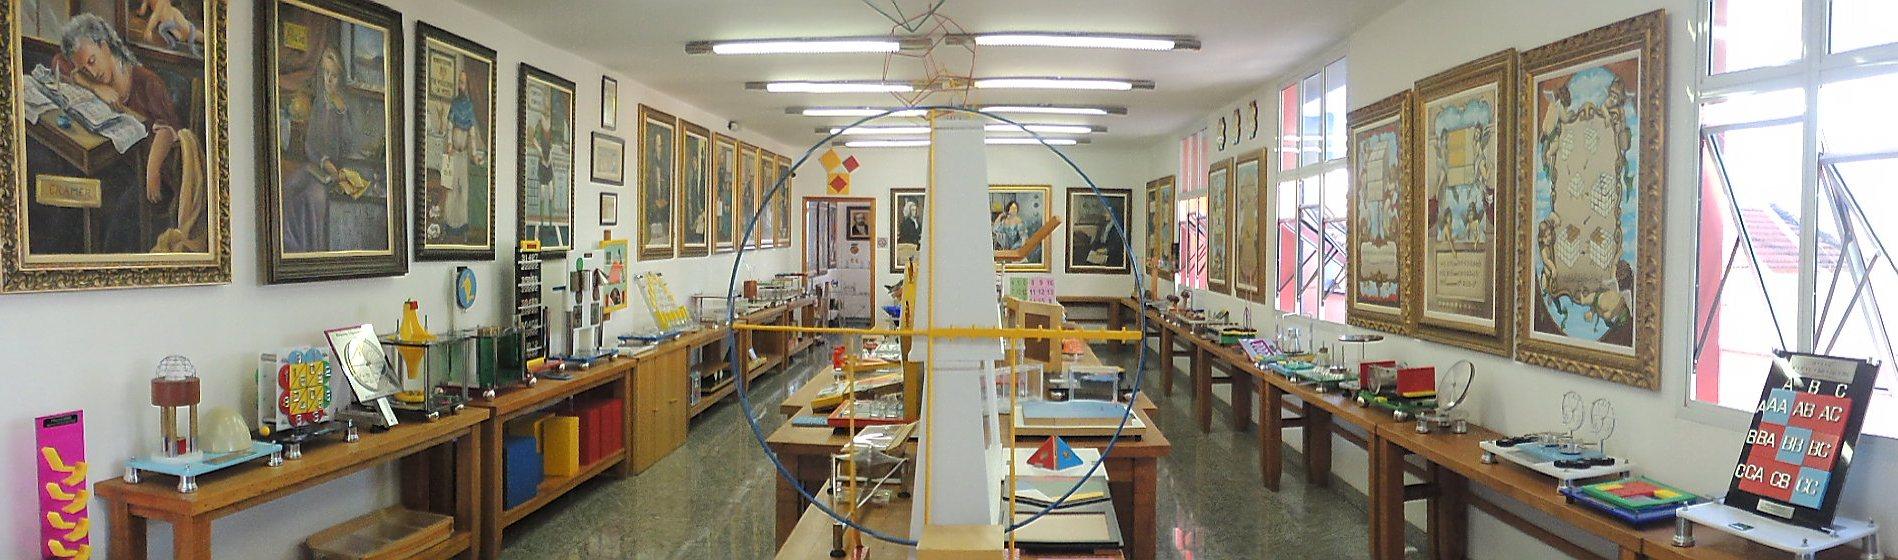 Galeria 2 do Museu da Matemática